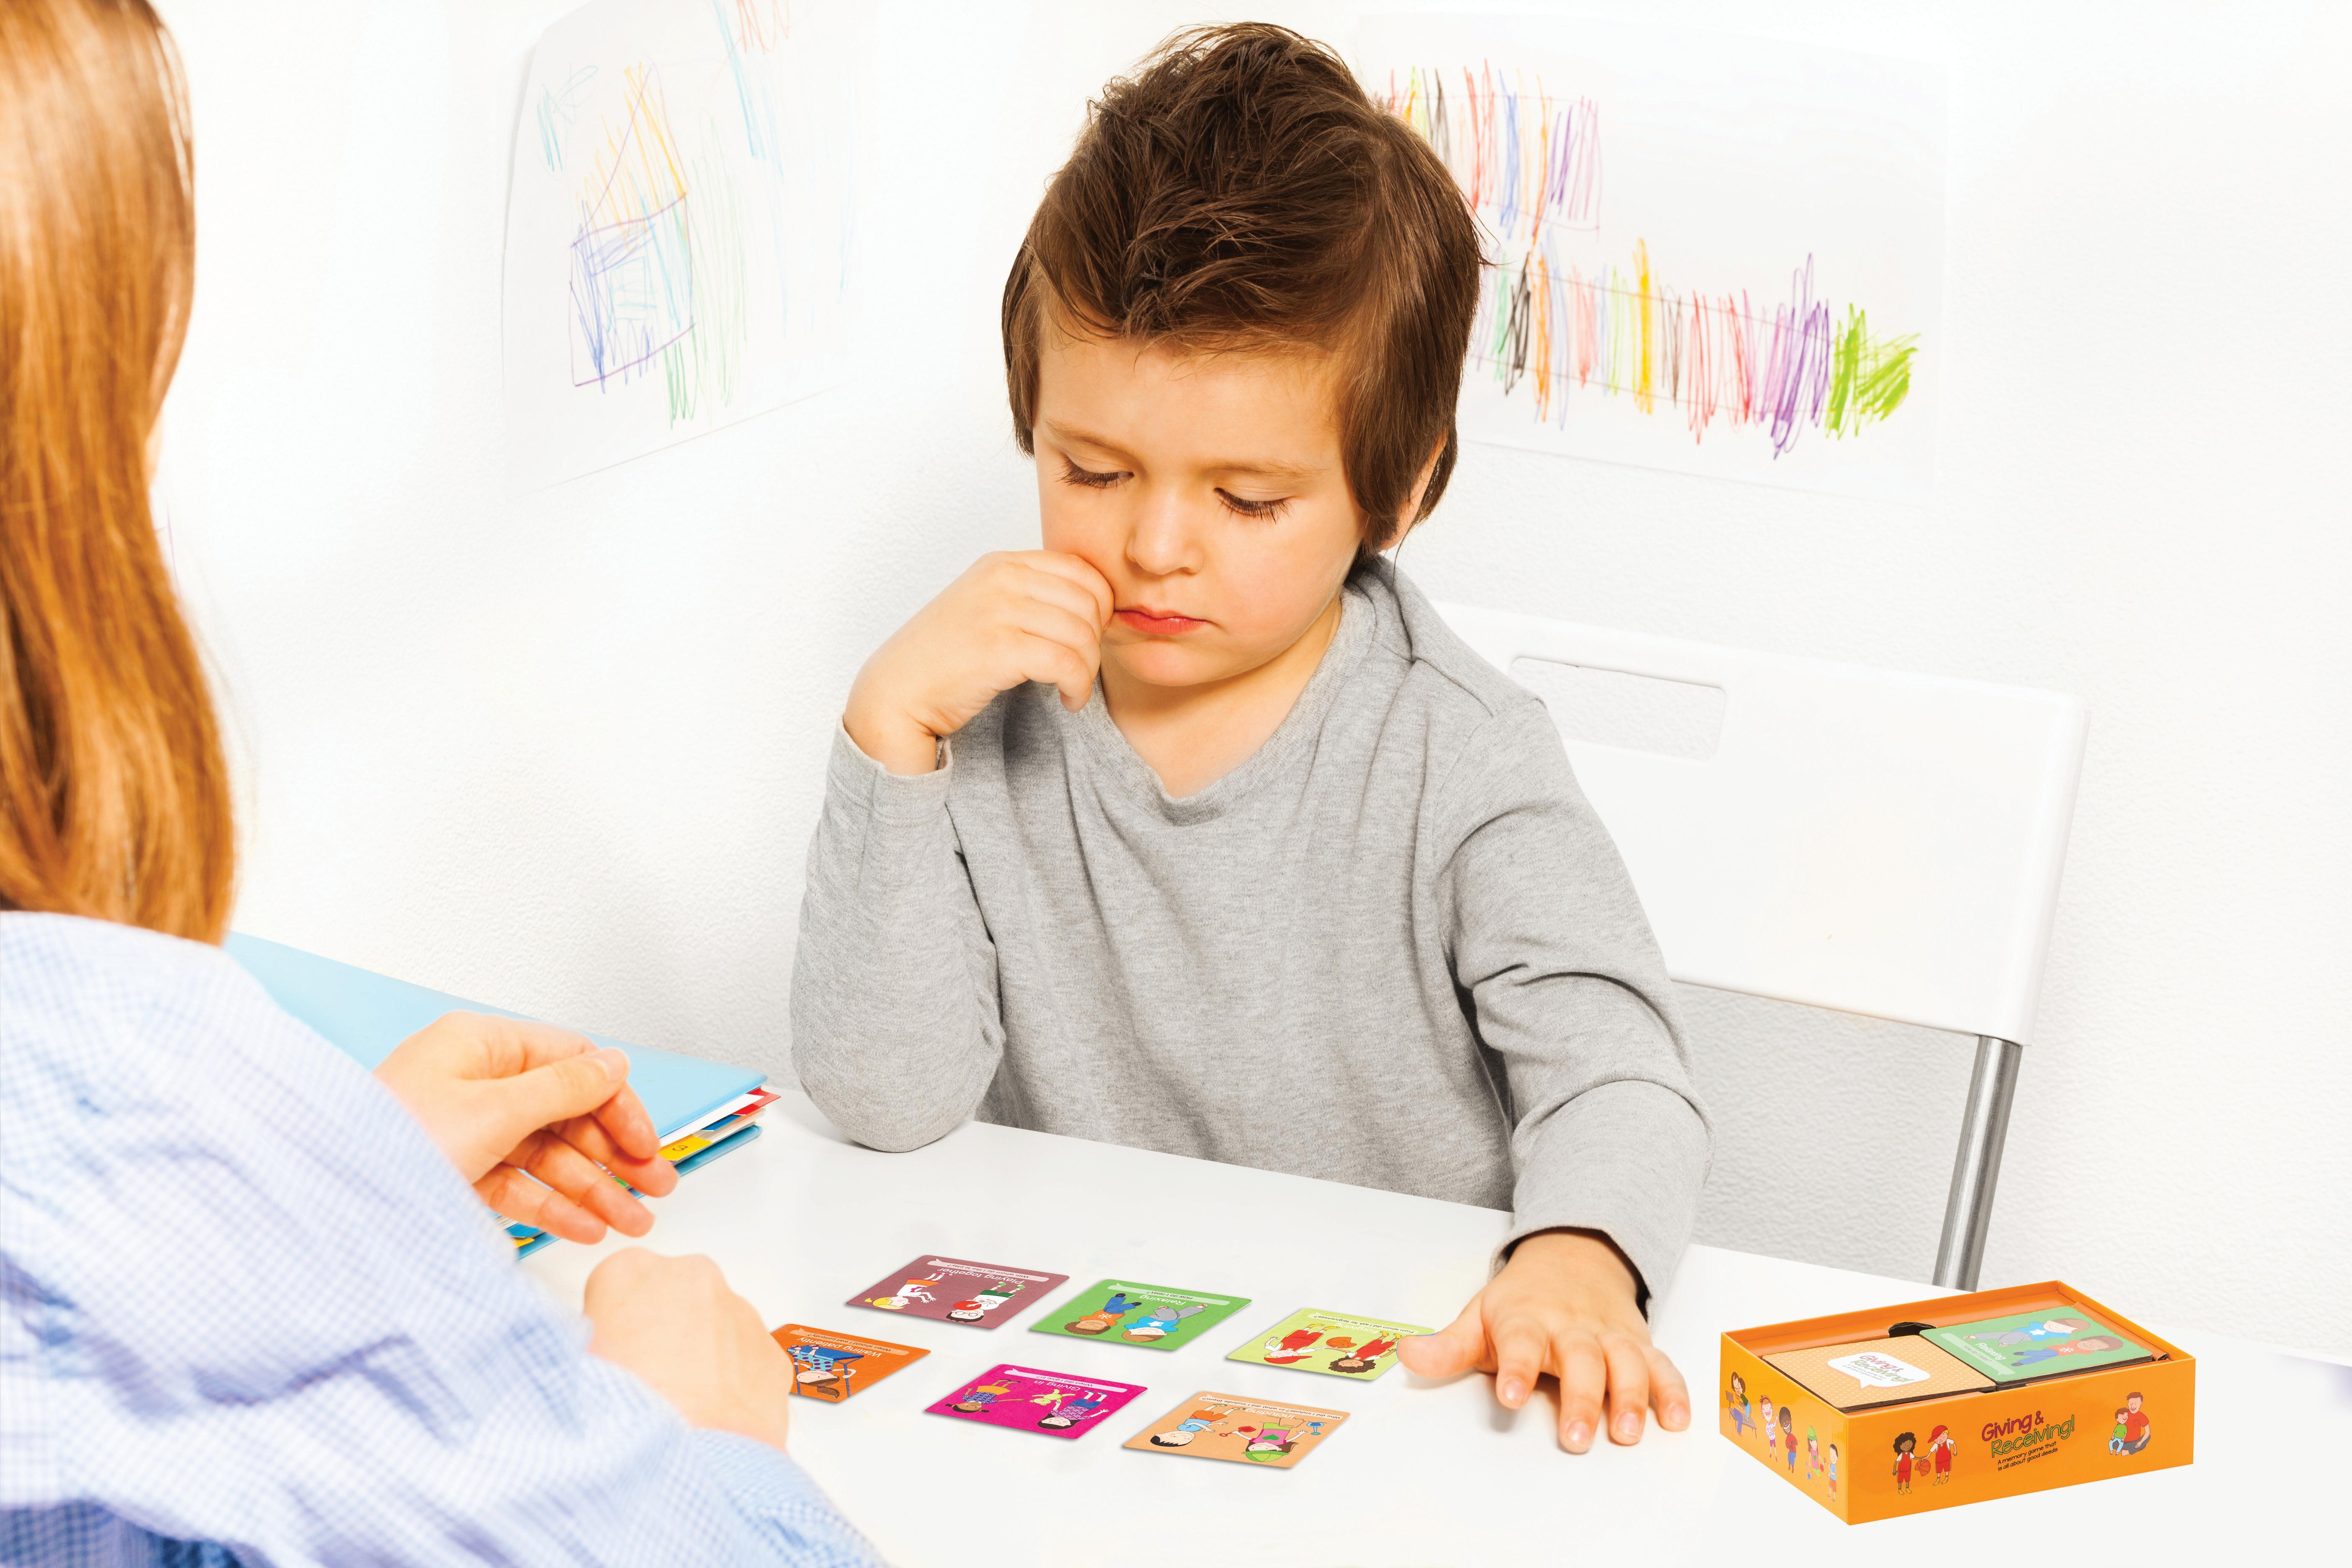 משחקים טיפוליים